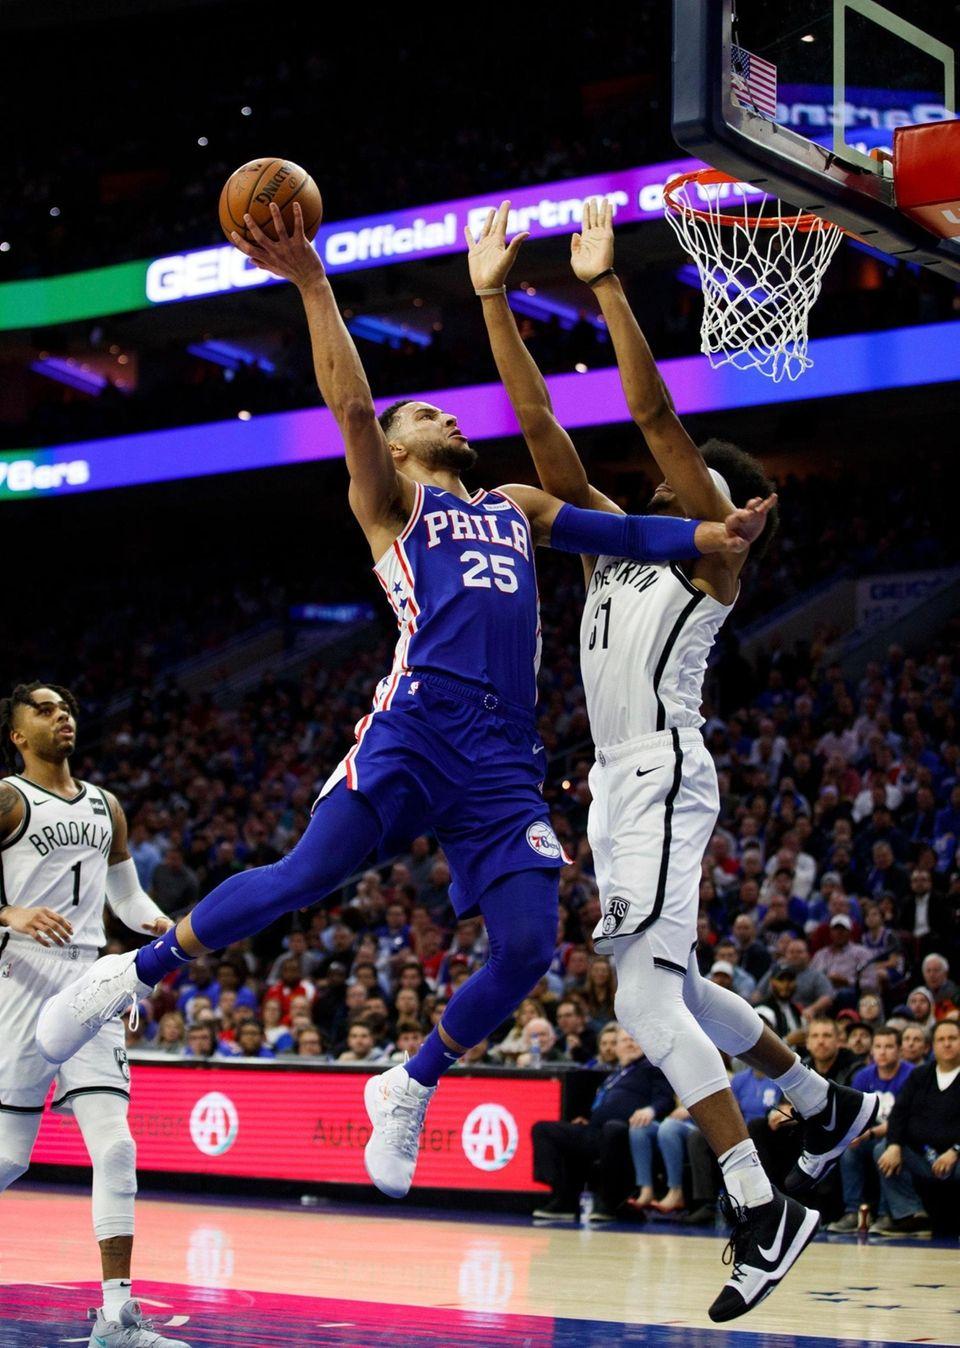 Philadelphia 76ers' Ben Simmons, left, of Australia, goes